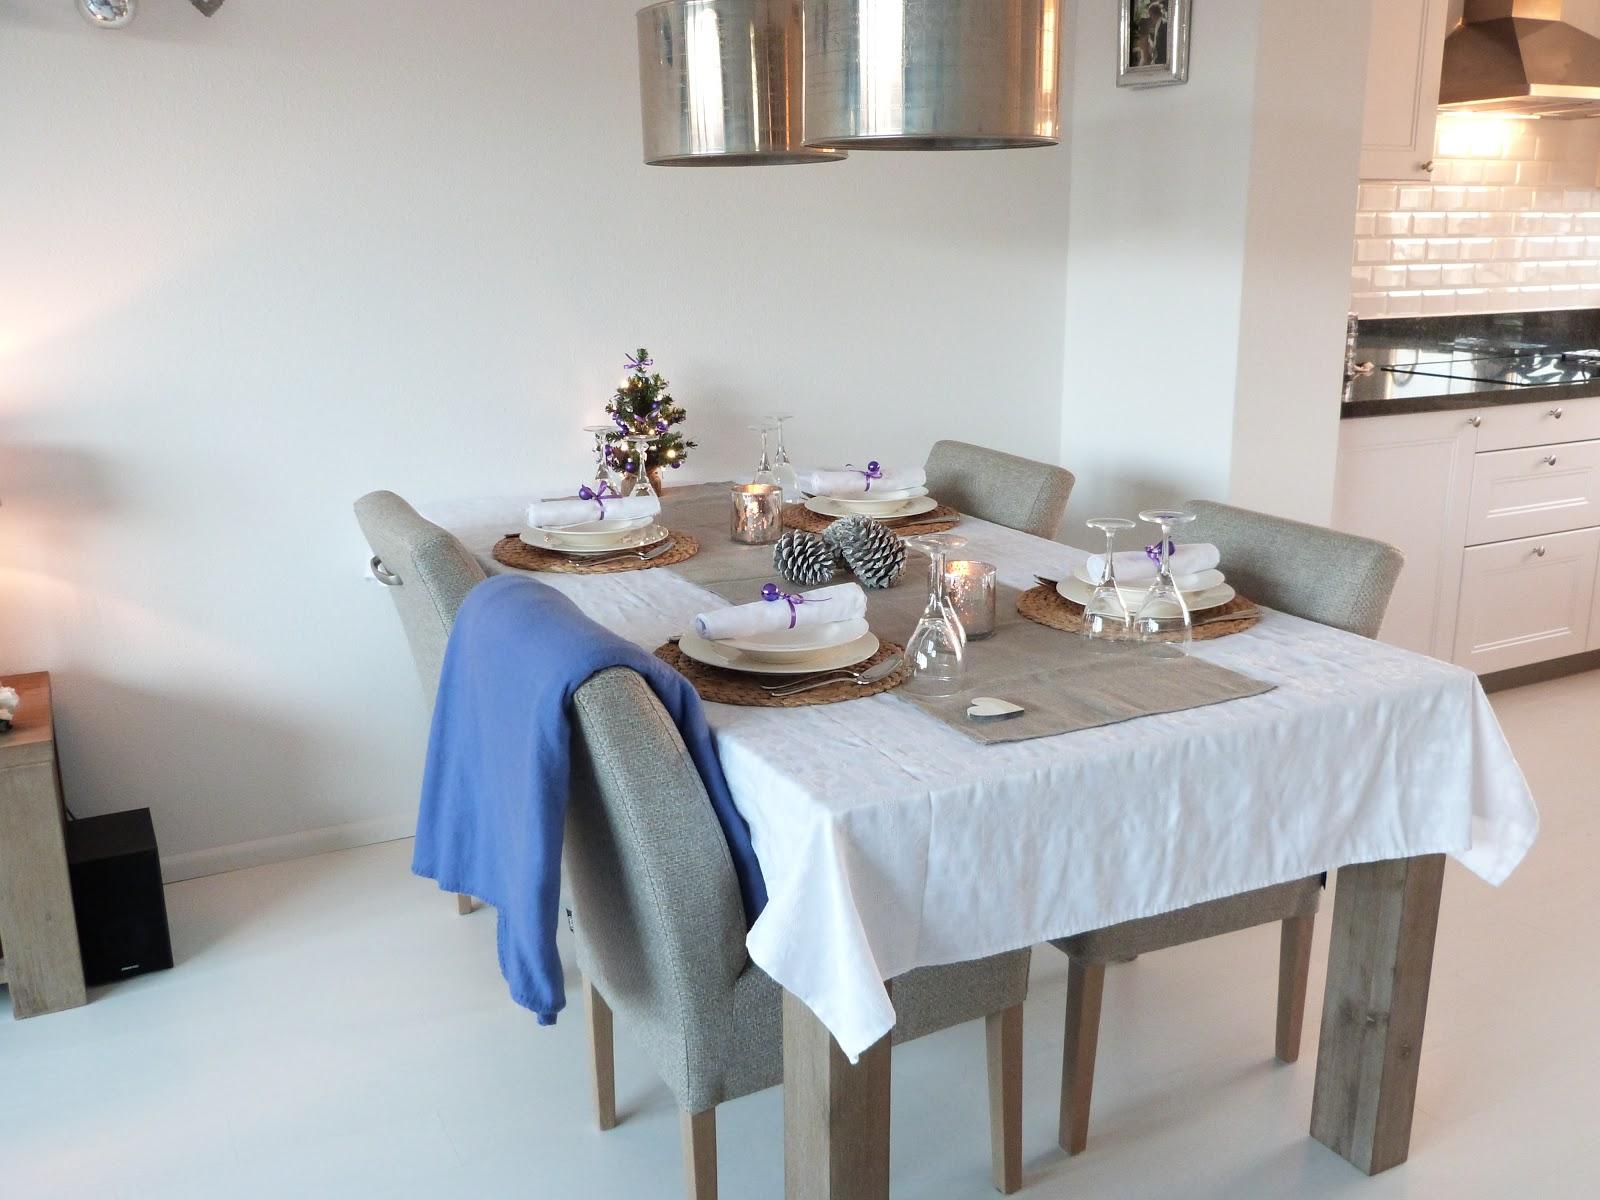 Woonkamer versieren voor kerst op het tafeltje bij de bank staat een dienblad in kerstsfeer - Slaapkamer om te versieren ...